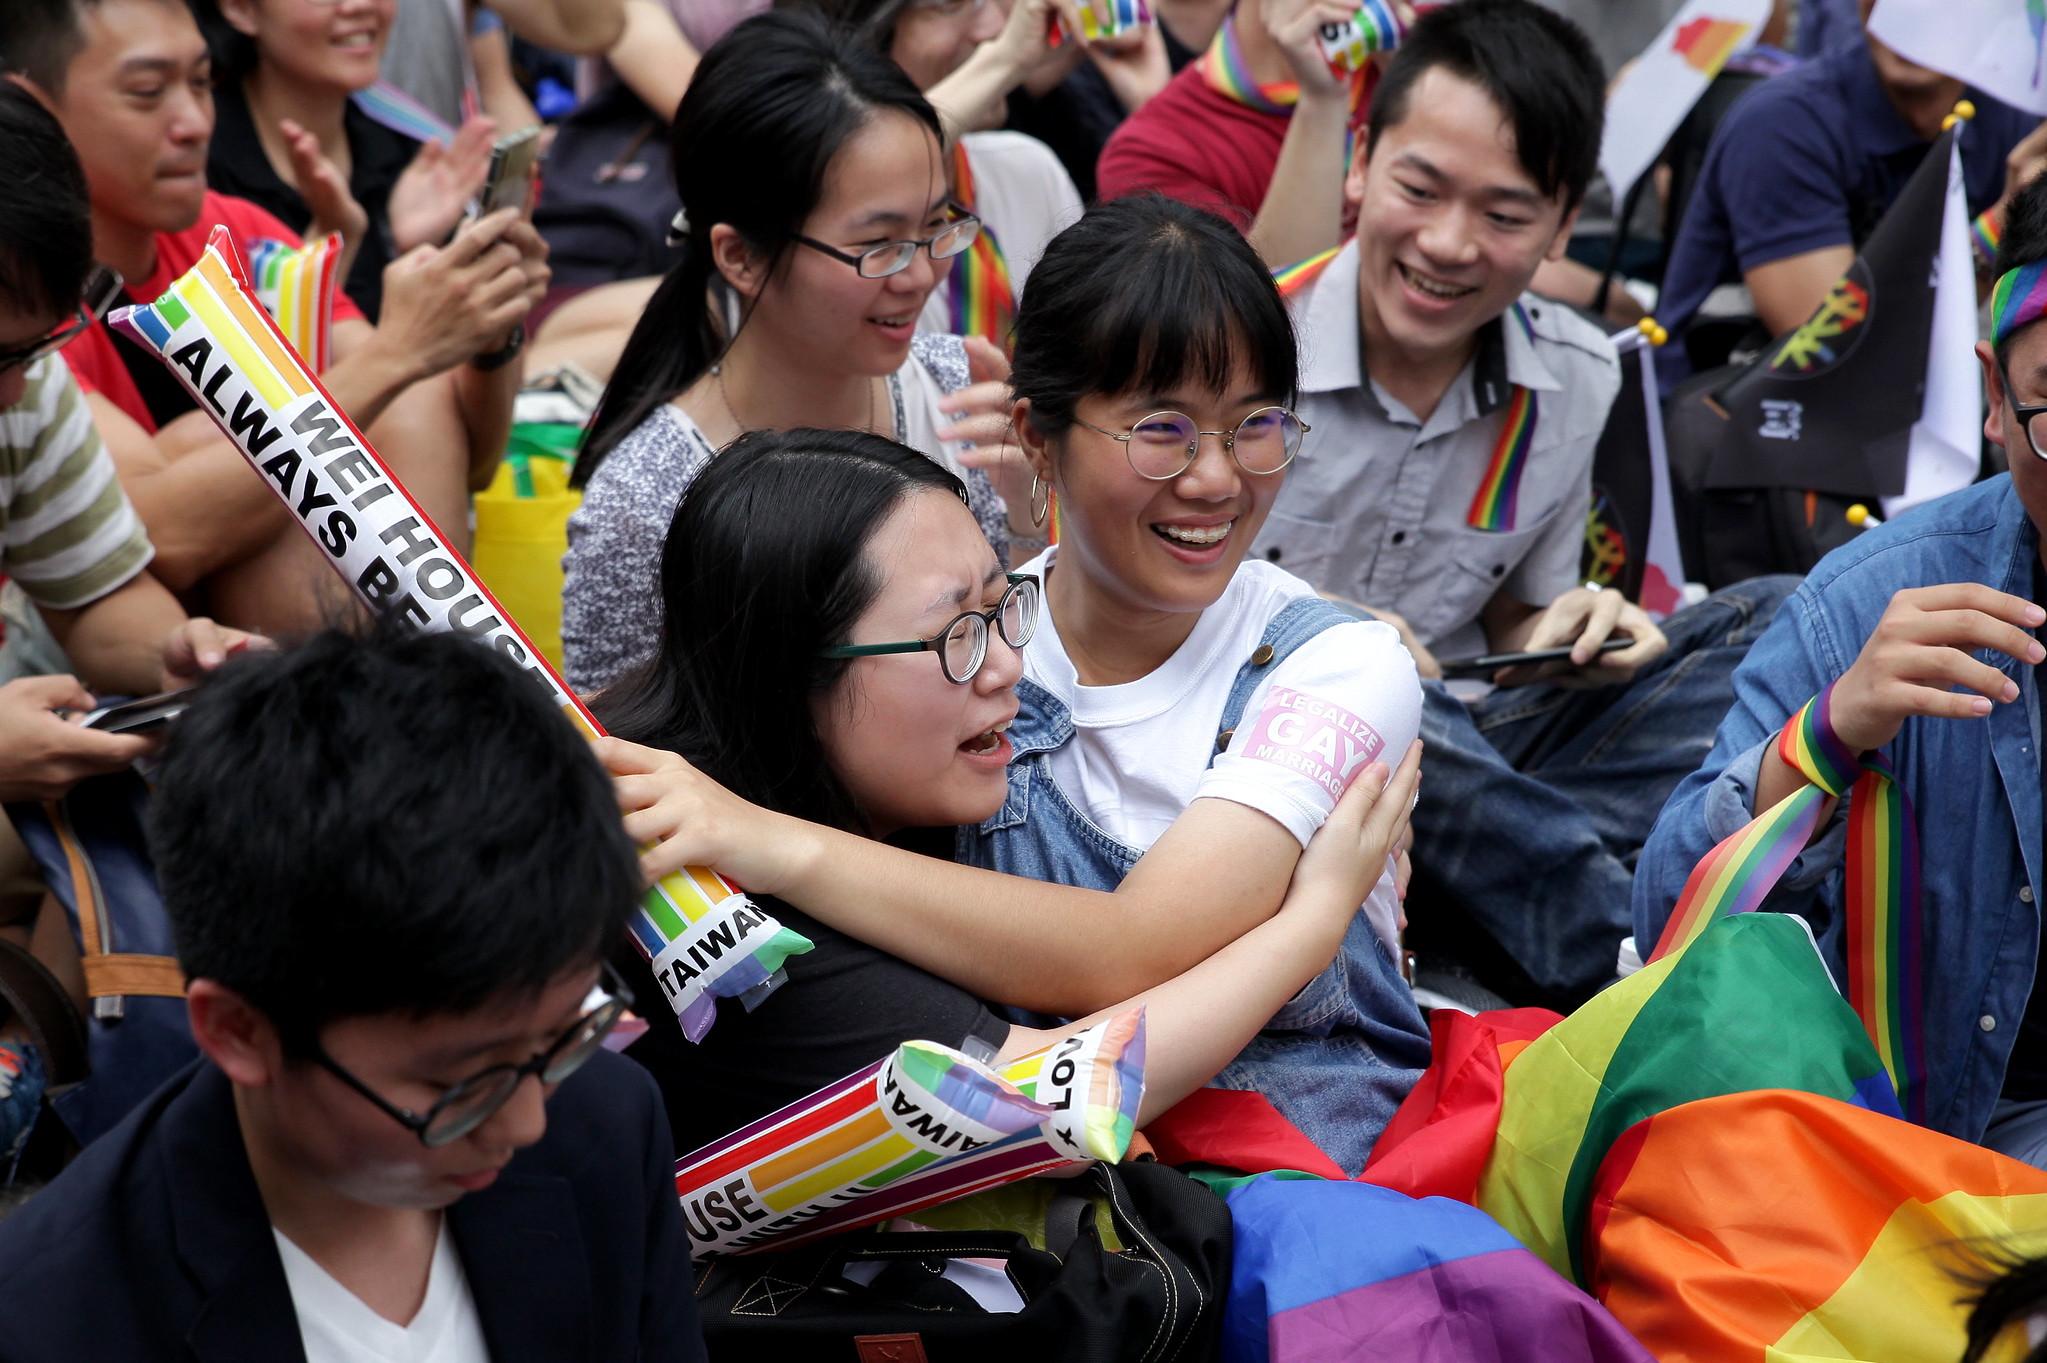 大法官宣告現行《民法》違憲,支持同婚的民眾喜極而泣。(攝影:陳逸婷)